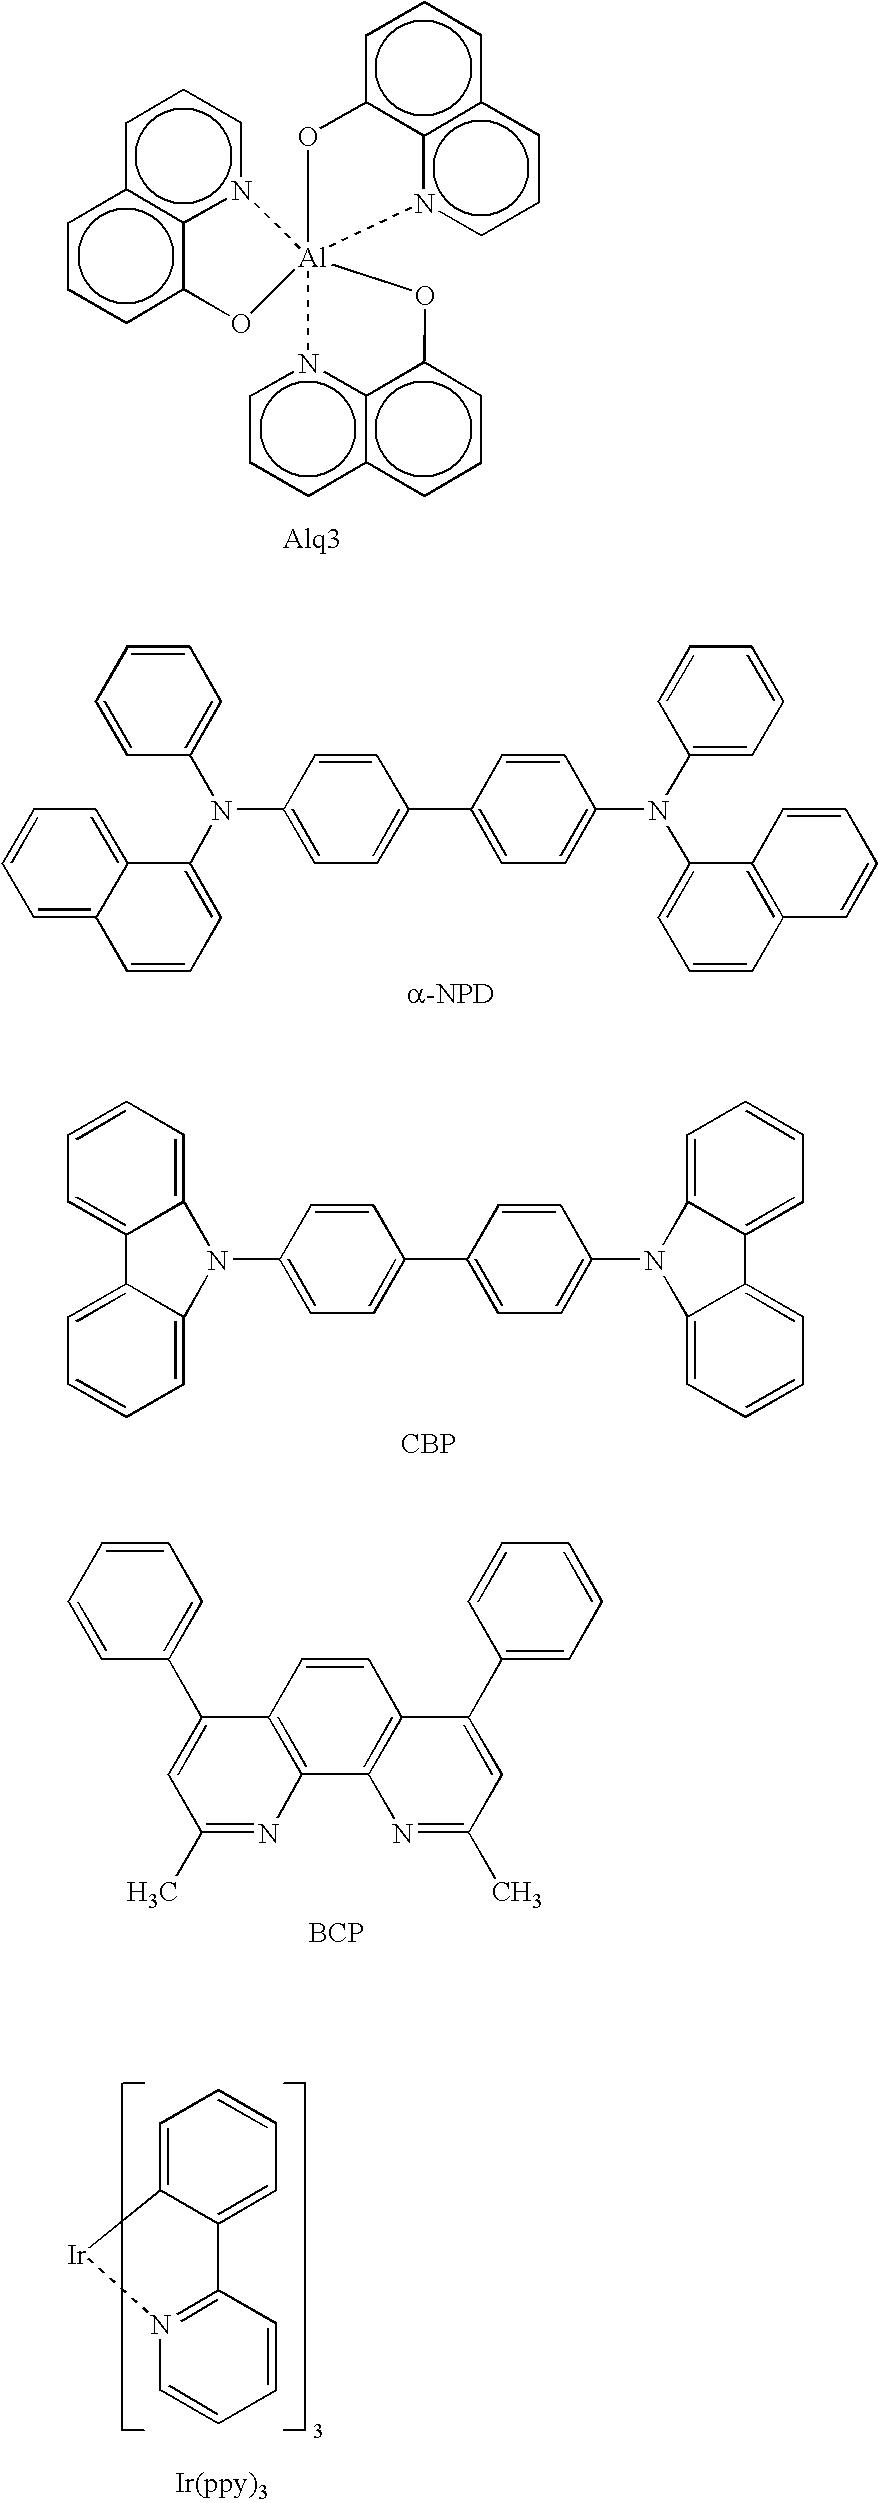 Figure US07544426-20090609-C00002